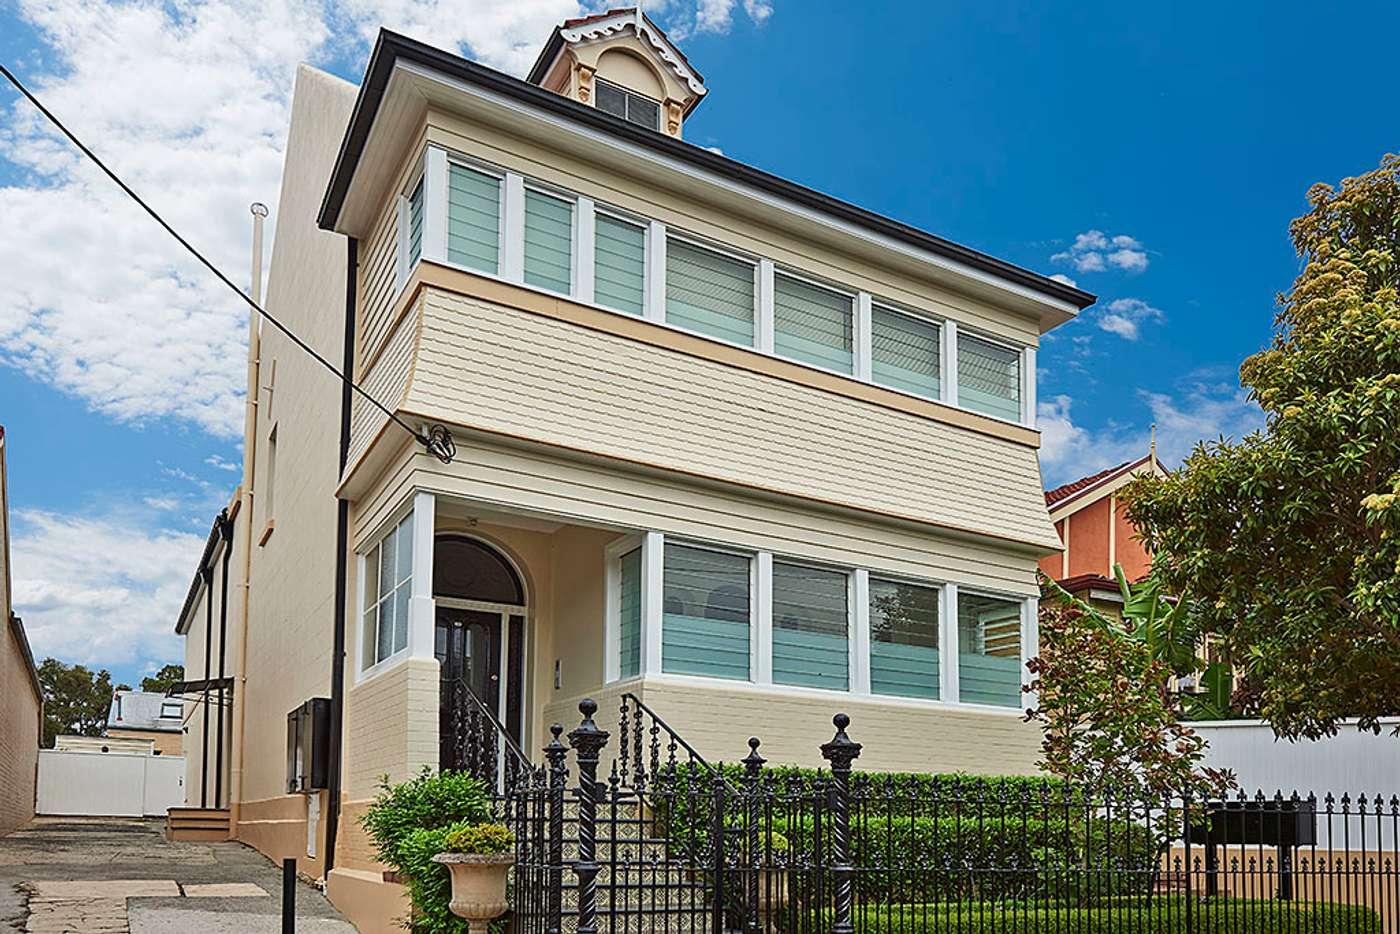 Main view of Homely blockOfUnits listing, 12 Albert Street, Petersham NSW 2049